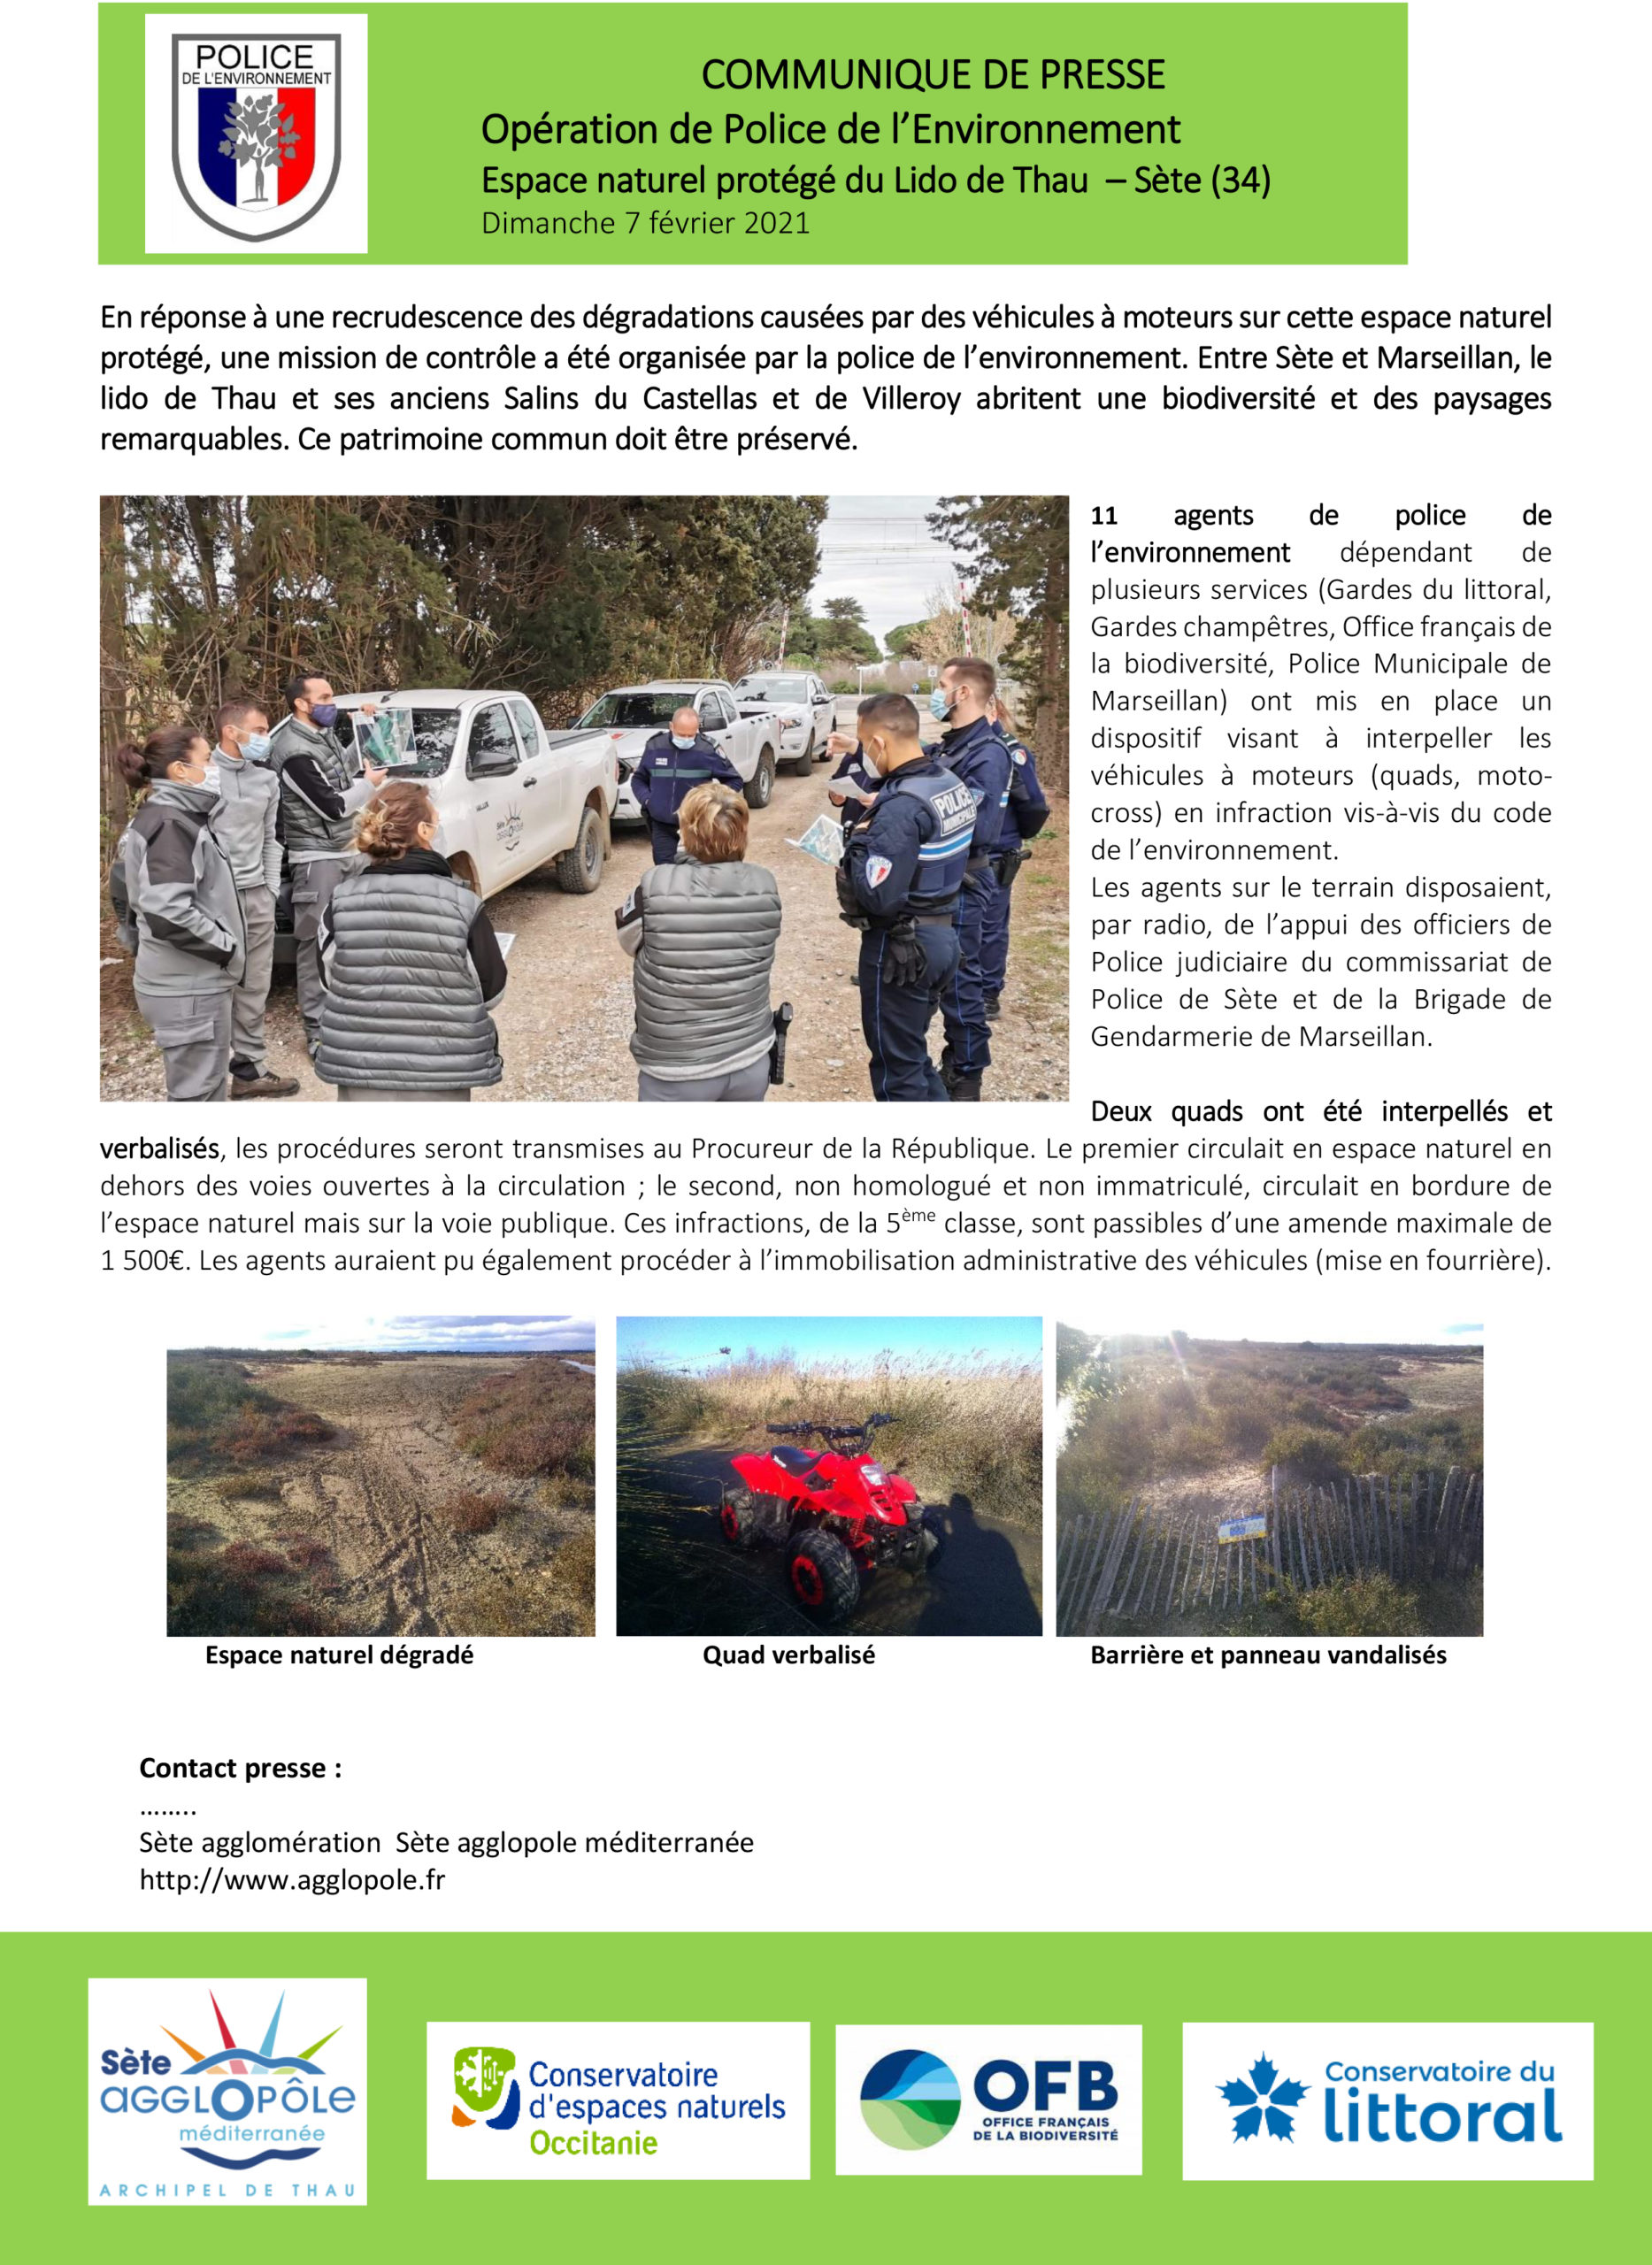 COMMUNIQUE DE PRESSE – Une opération commune de Police de l'environnement sur le lido de Thau